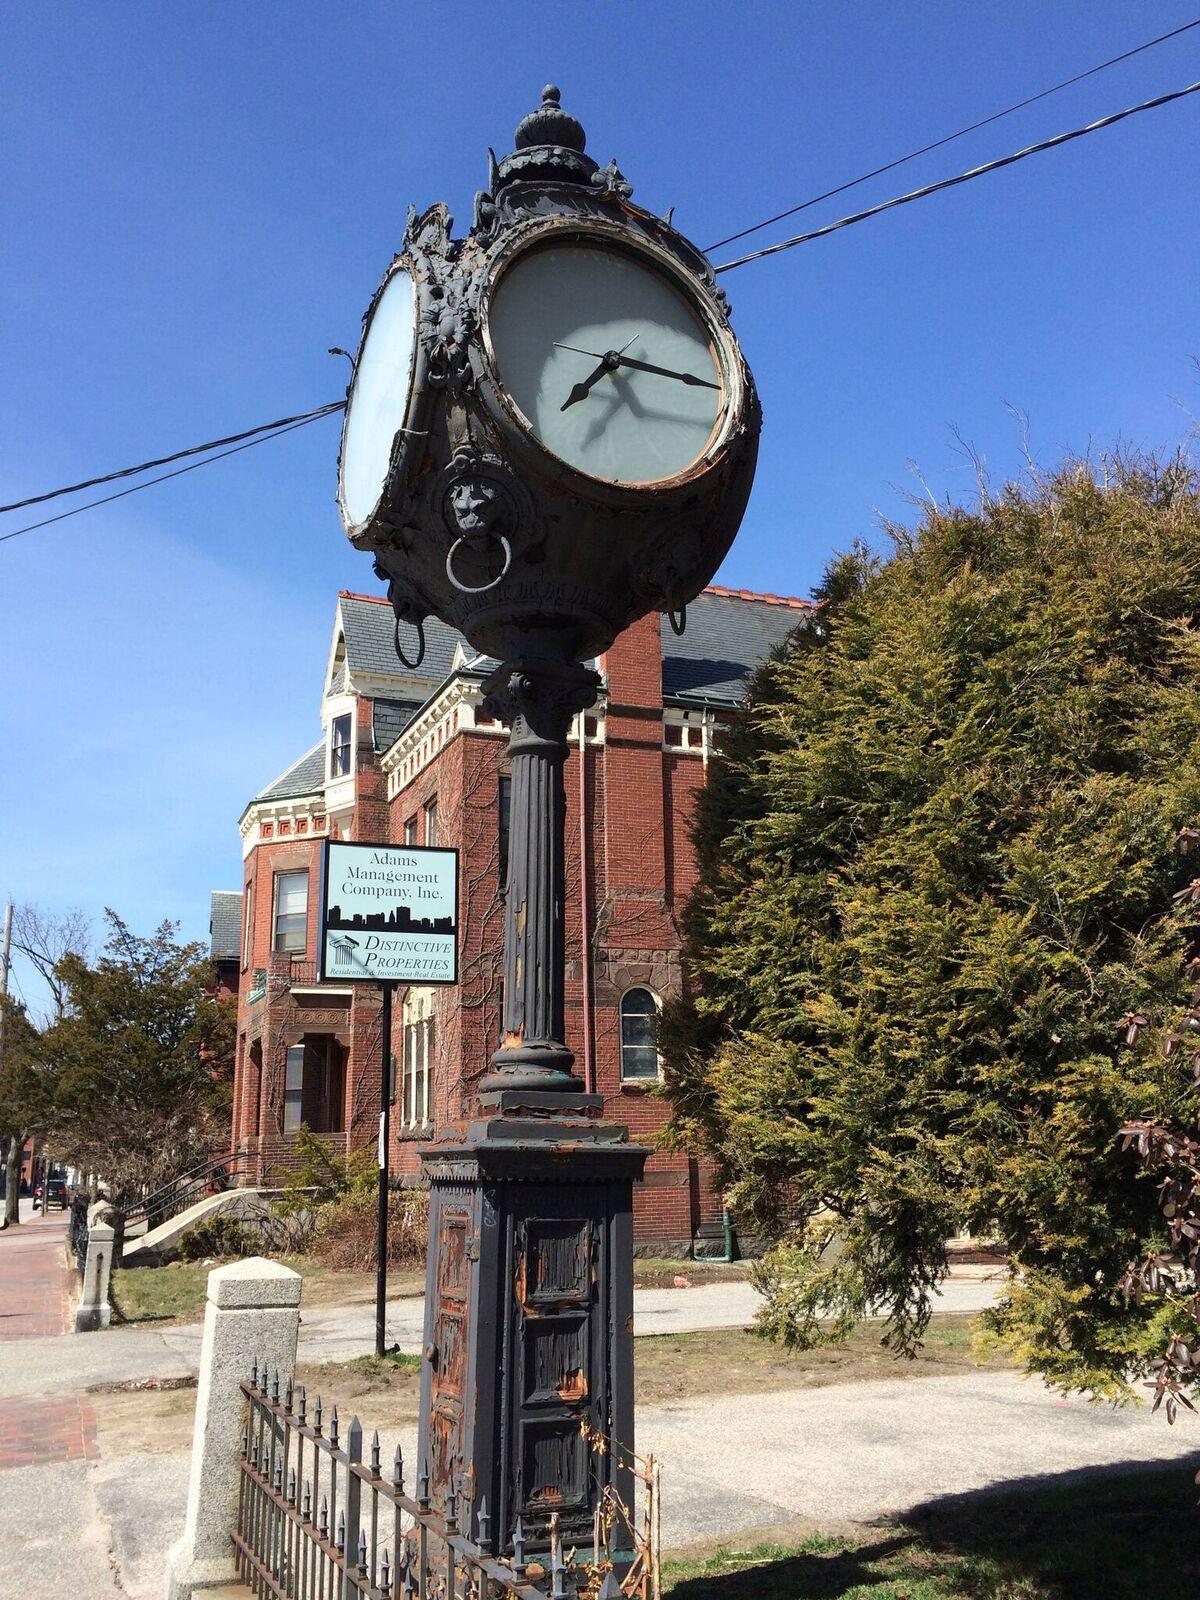 Hay & Peabody's Seth Thomas Clock